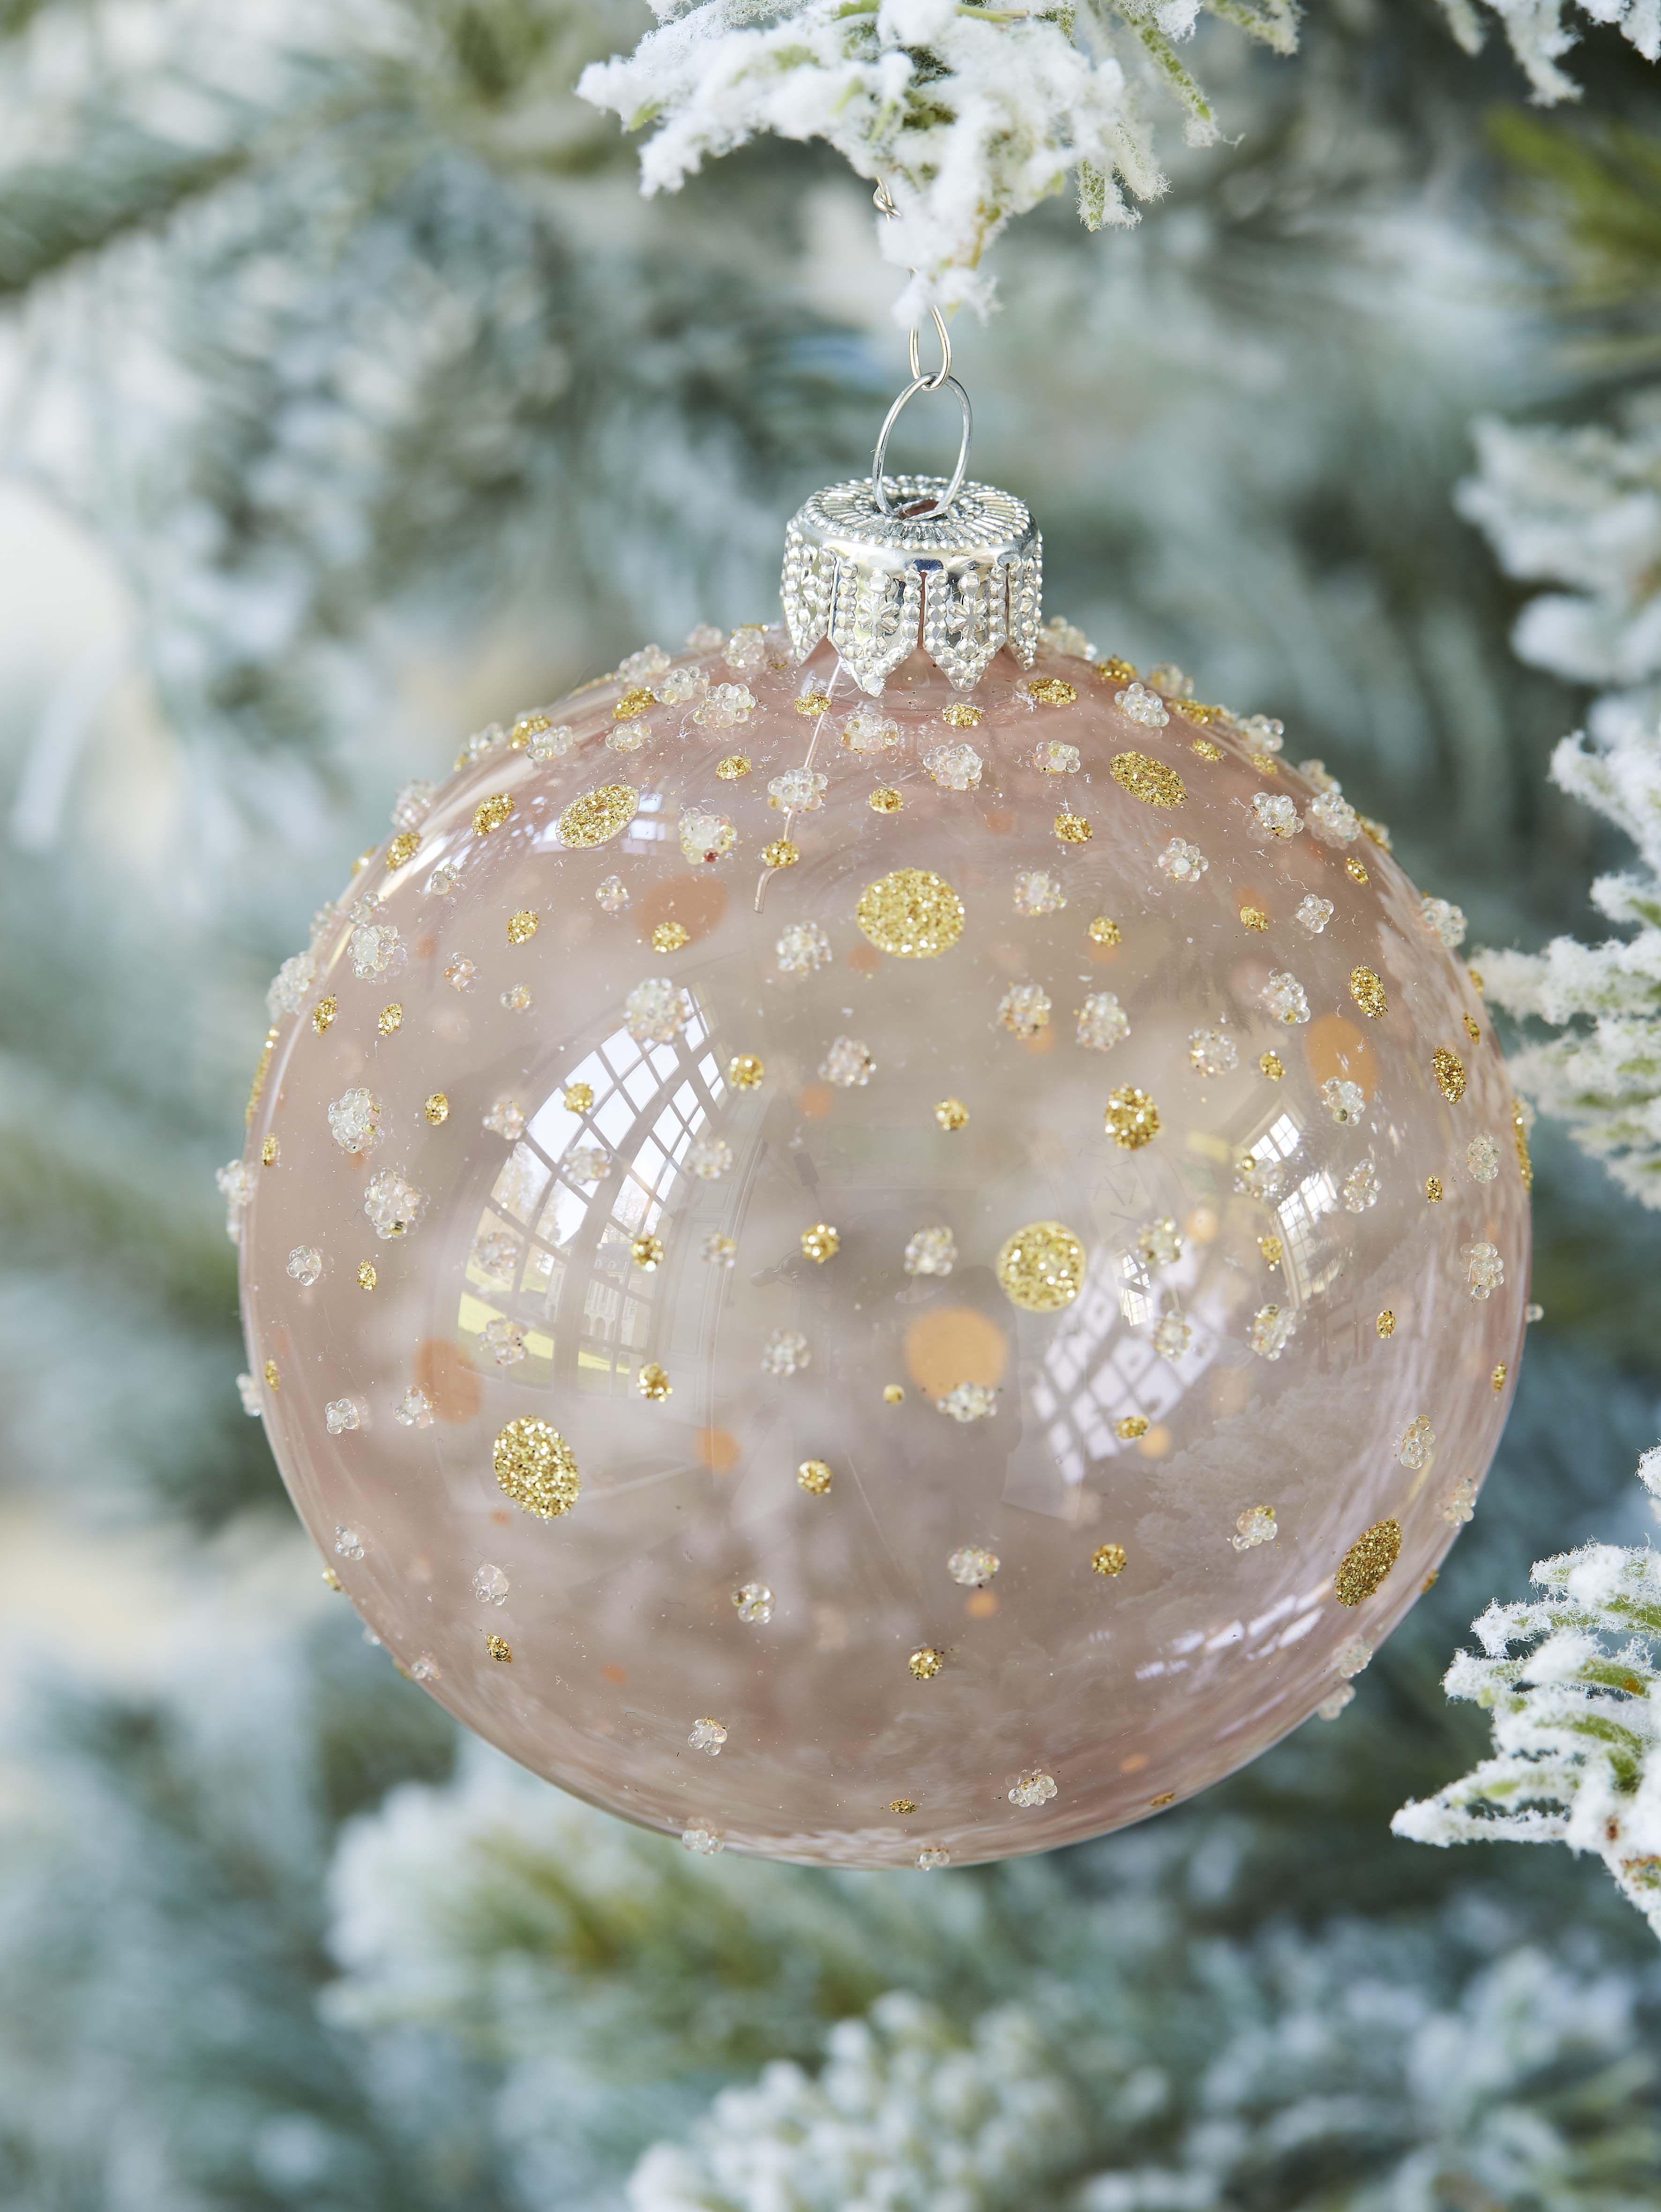 Boule verre pois pailletés D8cm | Decoration noel, Couleurs de